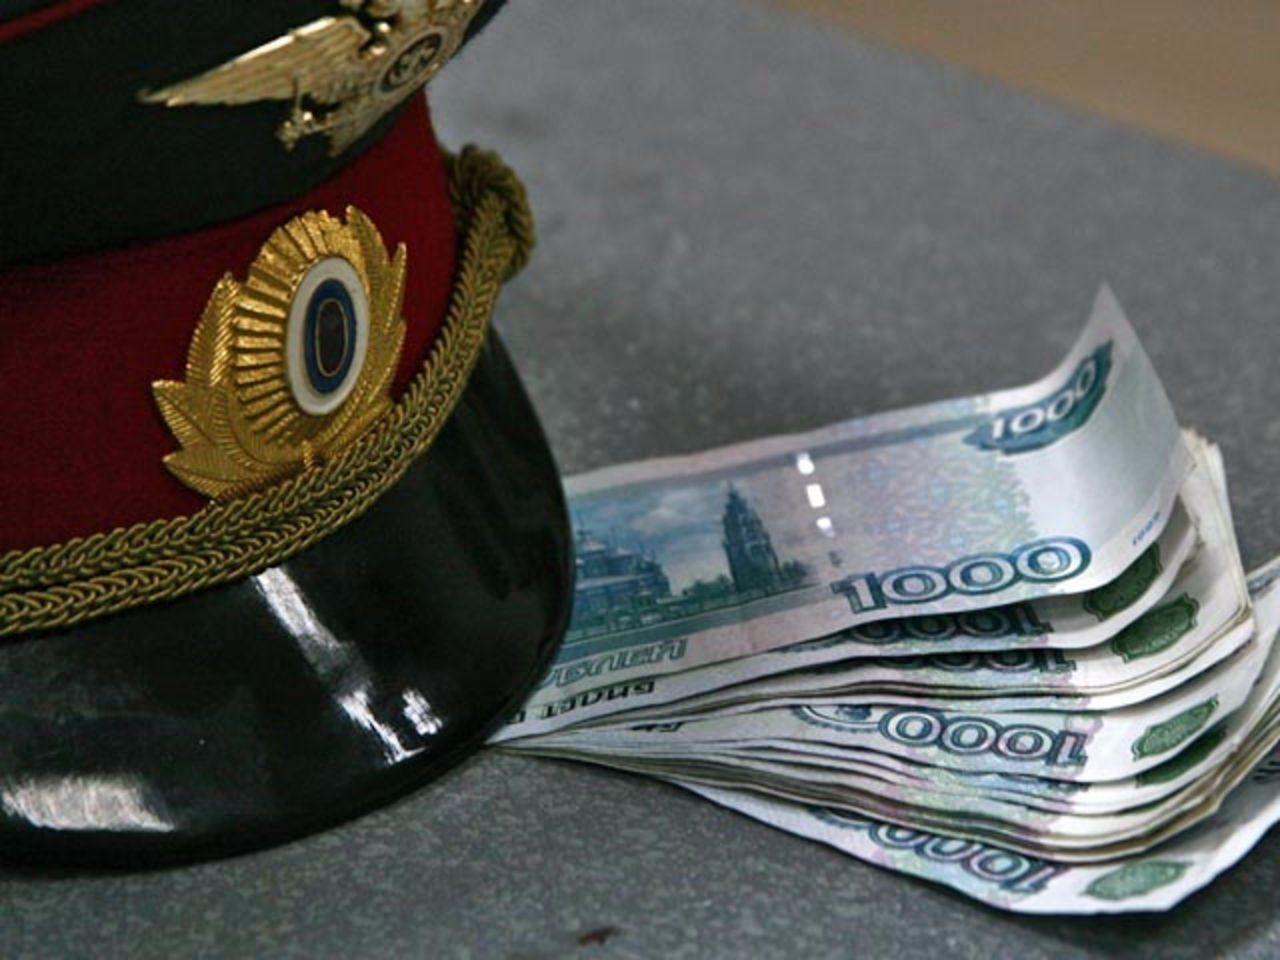 Начальник отдела ГИБДД в Кочубеевском районе обвиняется во взяточничестве